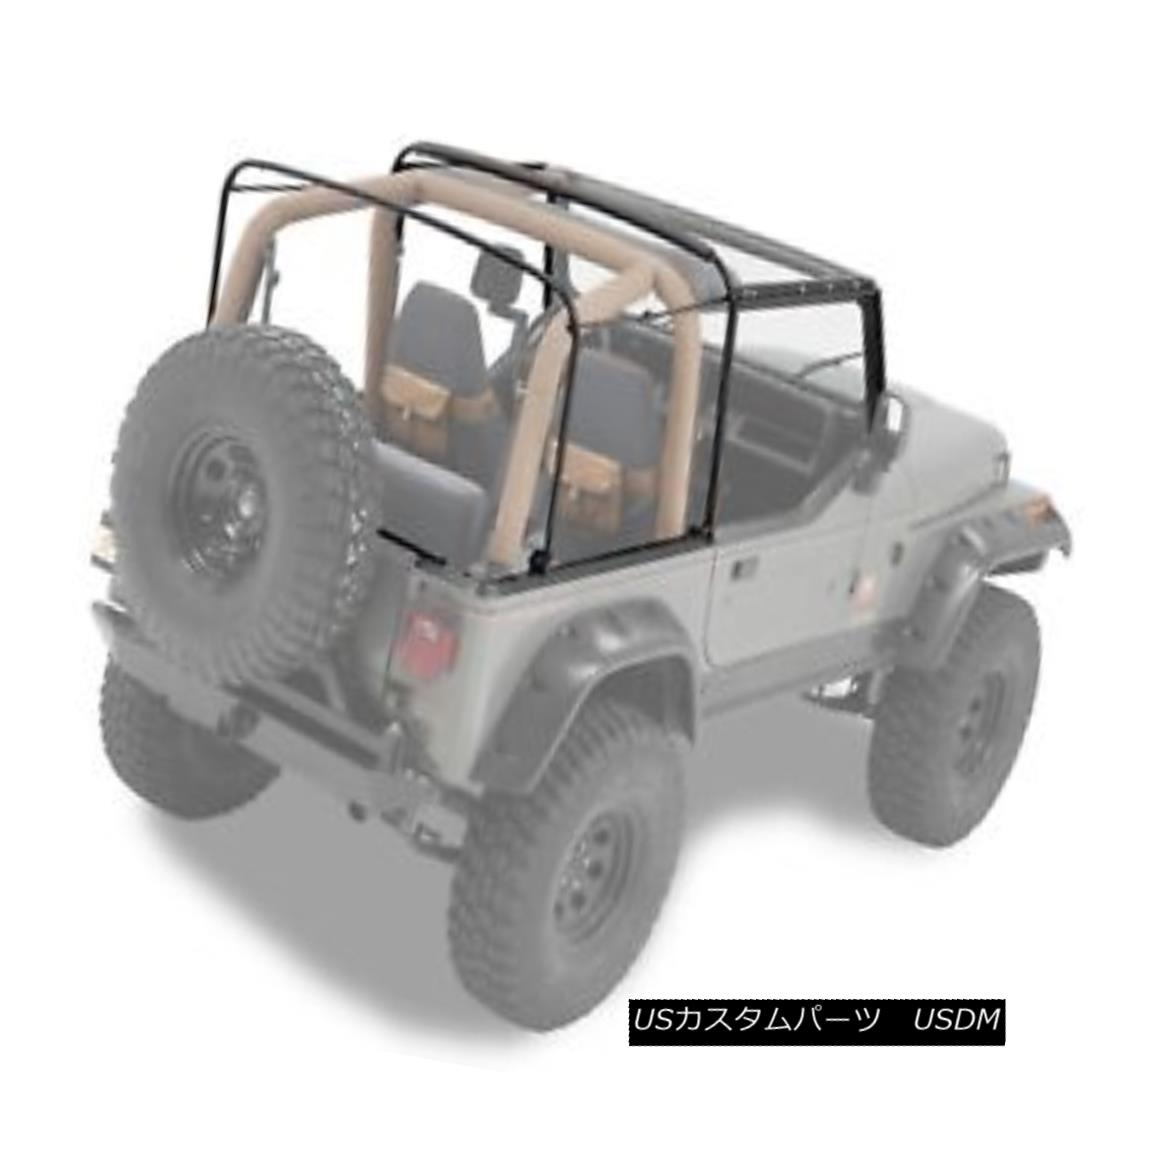 幌・ソフトトップ Bestop 55004-01 Jeep Soft Top Hardware Kit OE style Black Bestop 55004-01ジープソフトトップハードウェアキットOEスタイルブラック